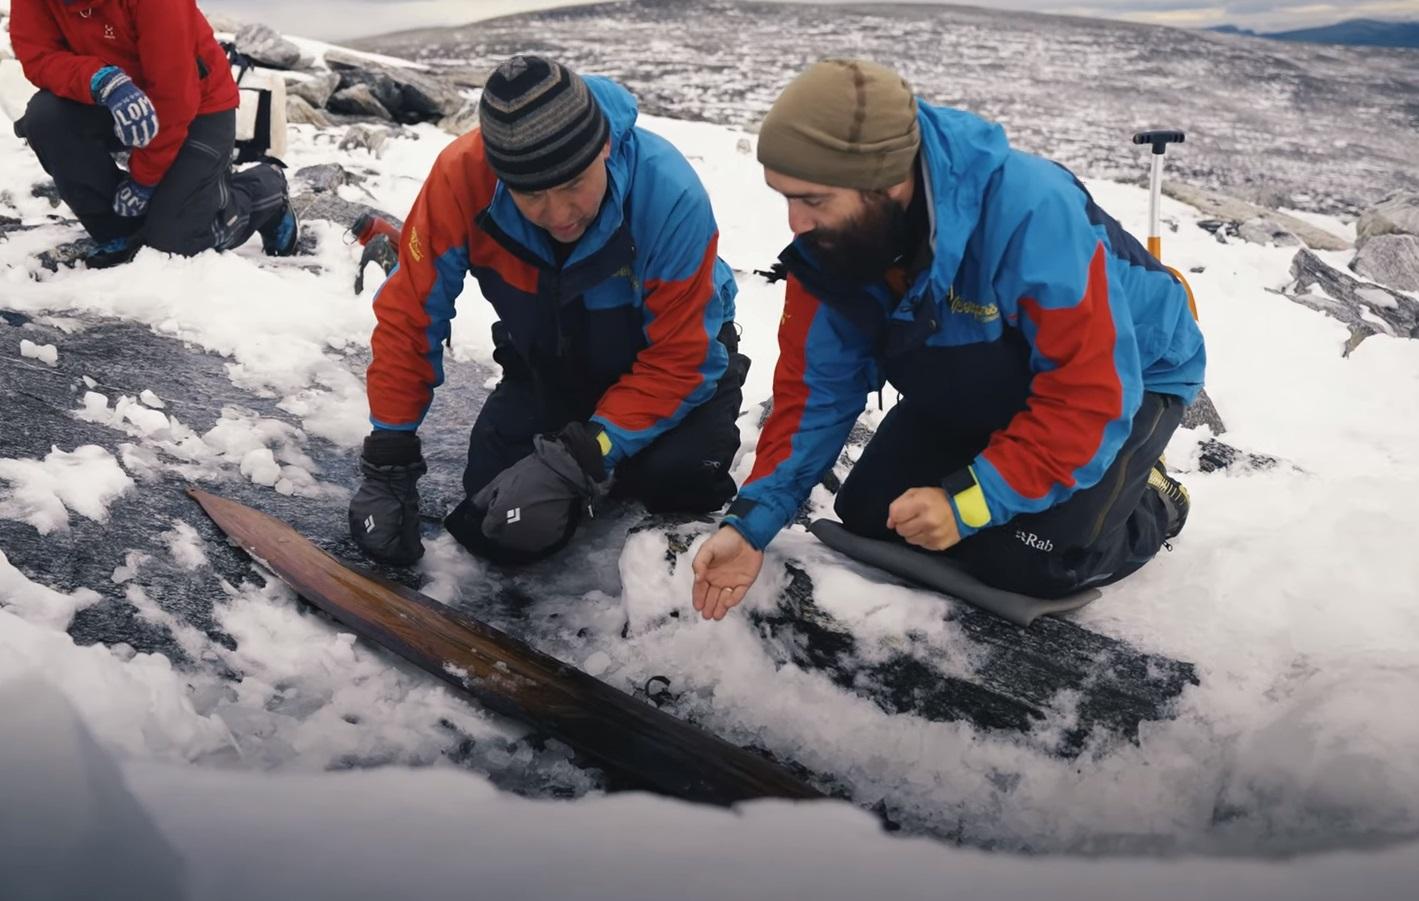 Ανακαλύφθηκε το αρχαιότερο ζευγάρι πέδιλων σκι στη Νορβηγία, ηλικία 1.300 ετών